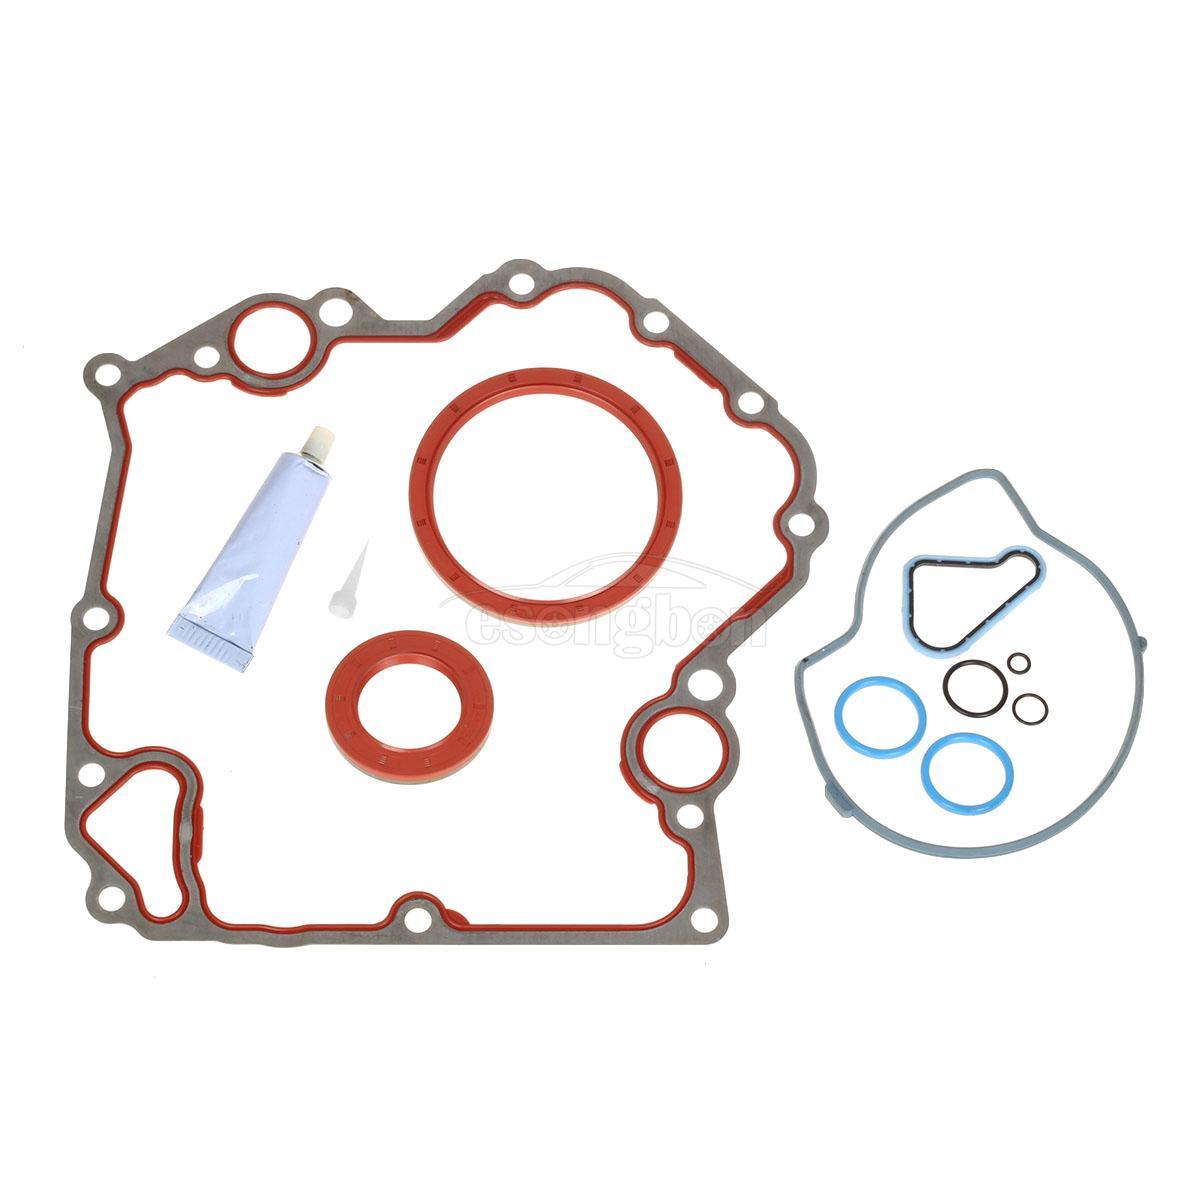 Conversion Lower Gasket Set Fits 99-03 CHRYSLER ASPEN 4.7L 285CID V8 VIN P